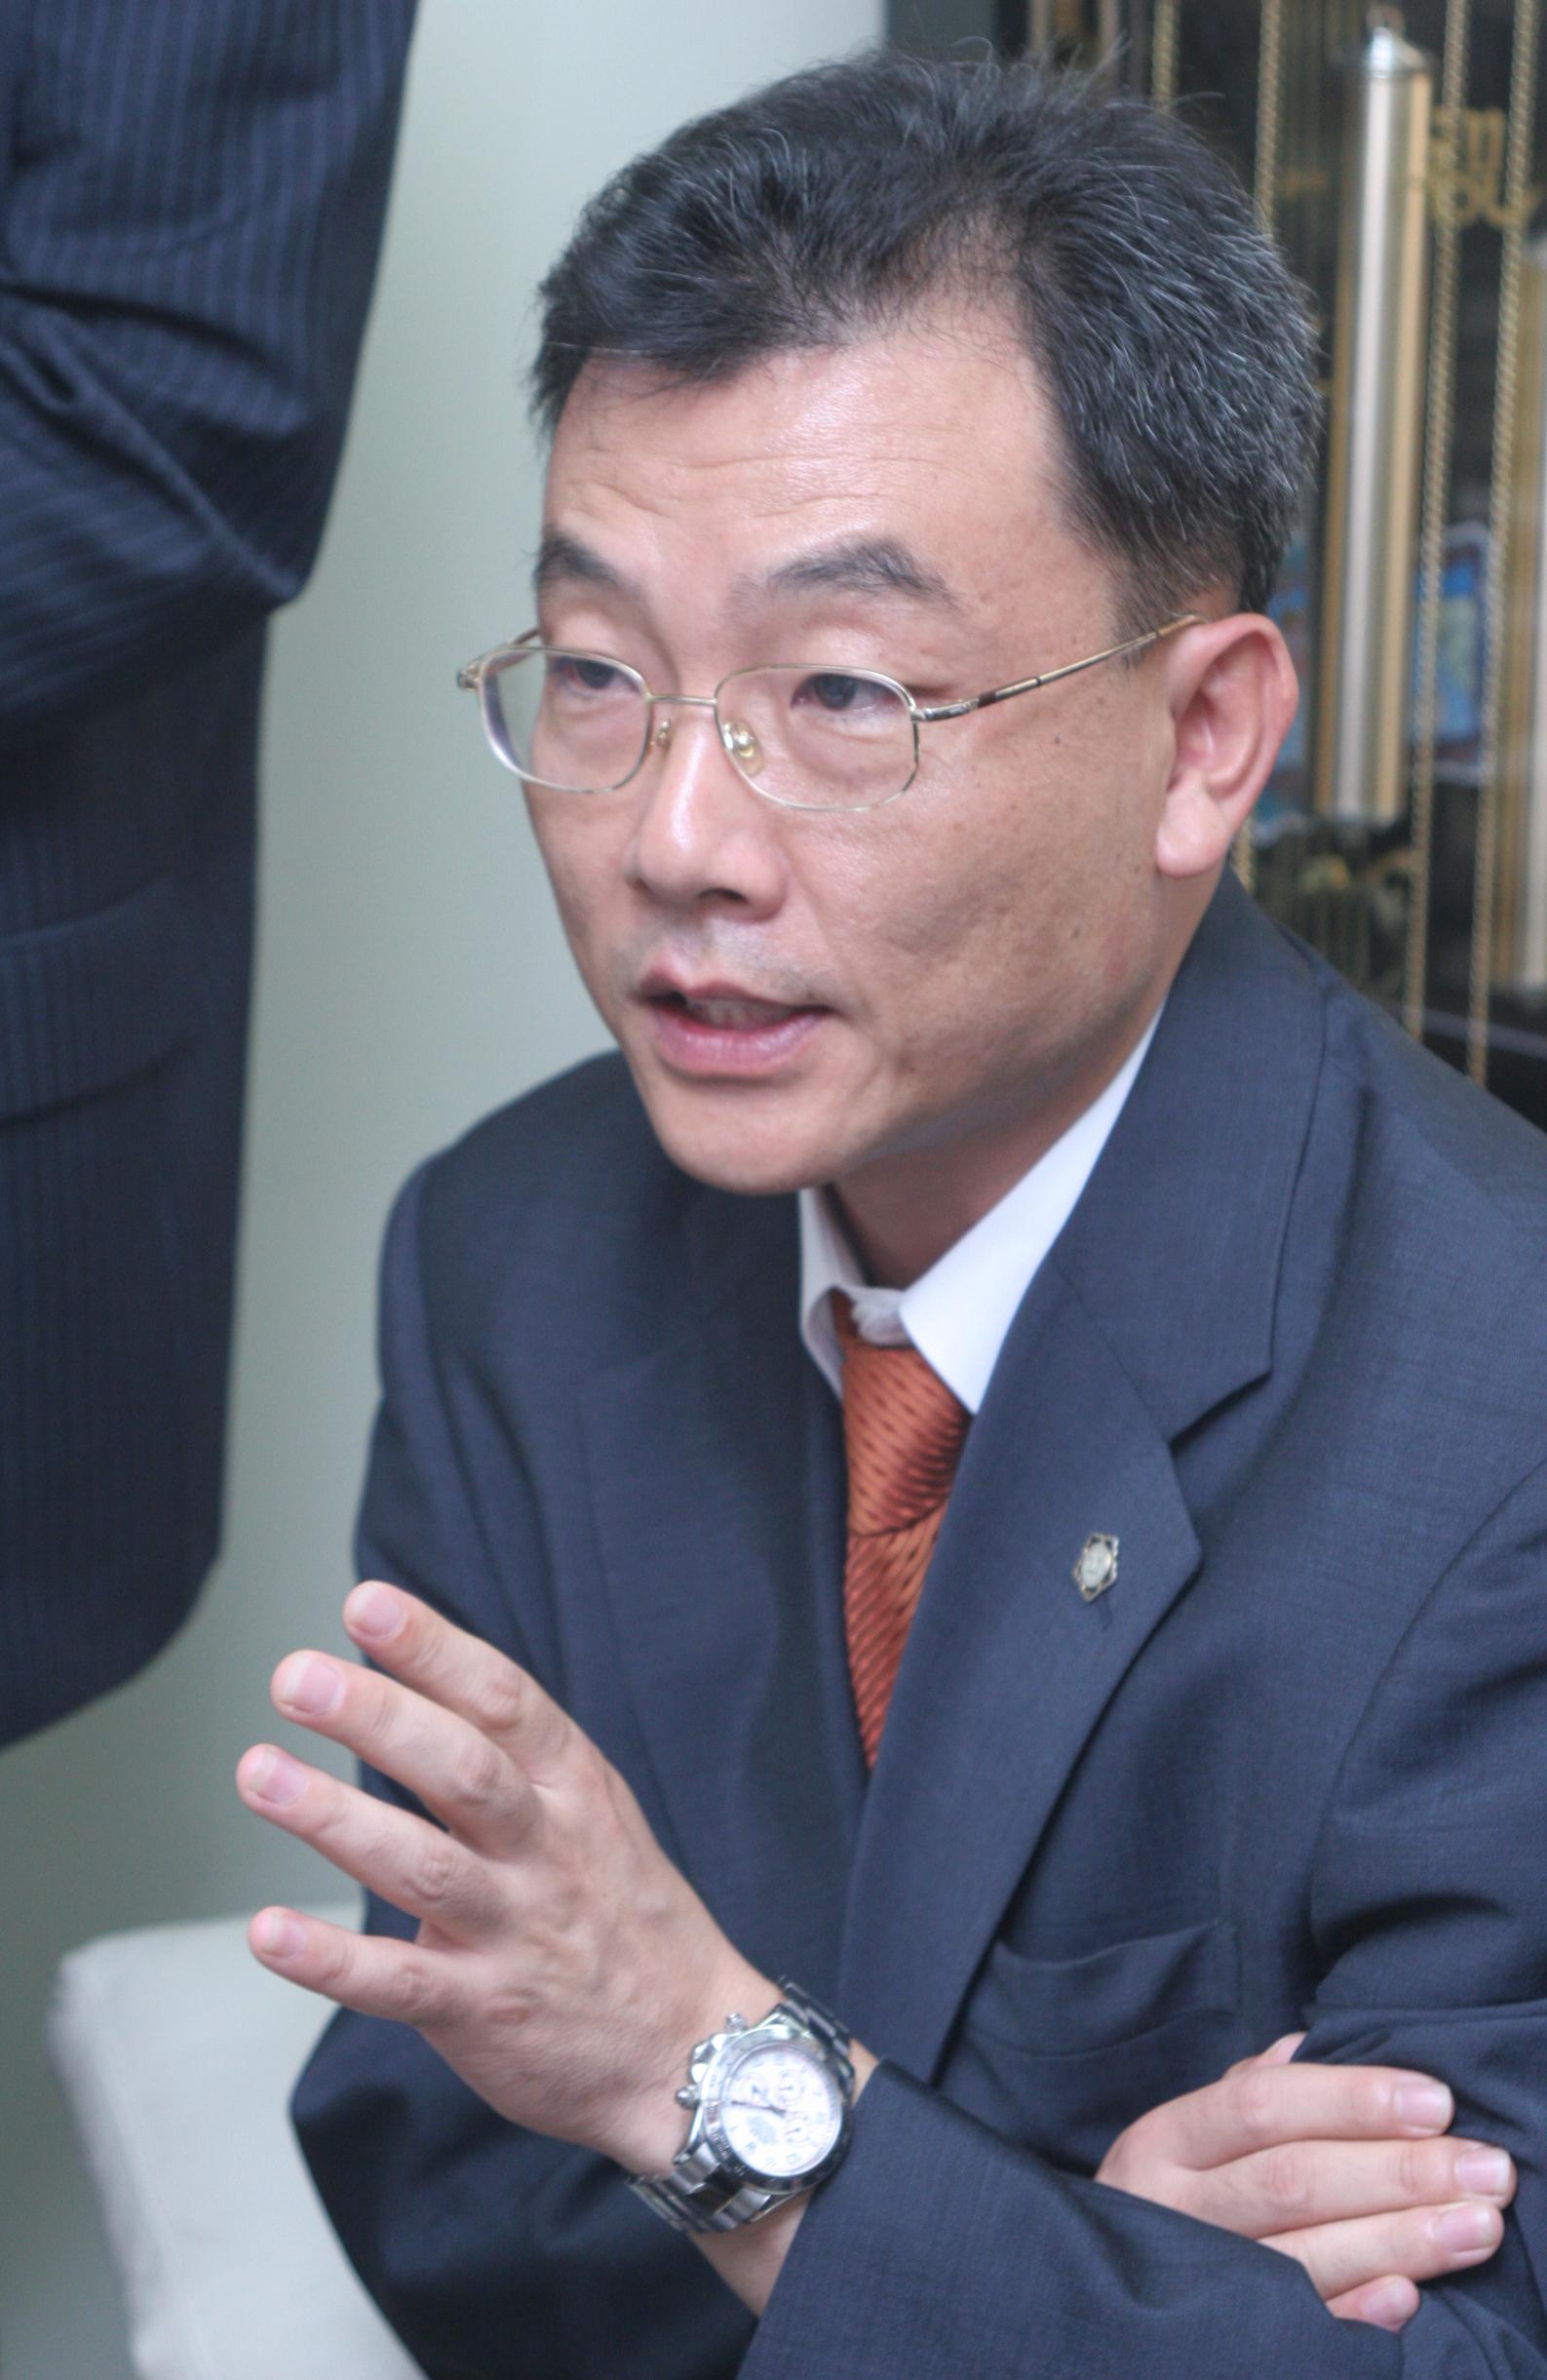 대통령 측 서성건(57) 변호사.  [사진제공=신원주 인턴기자]